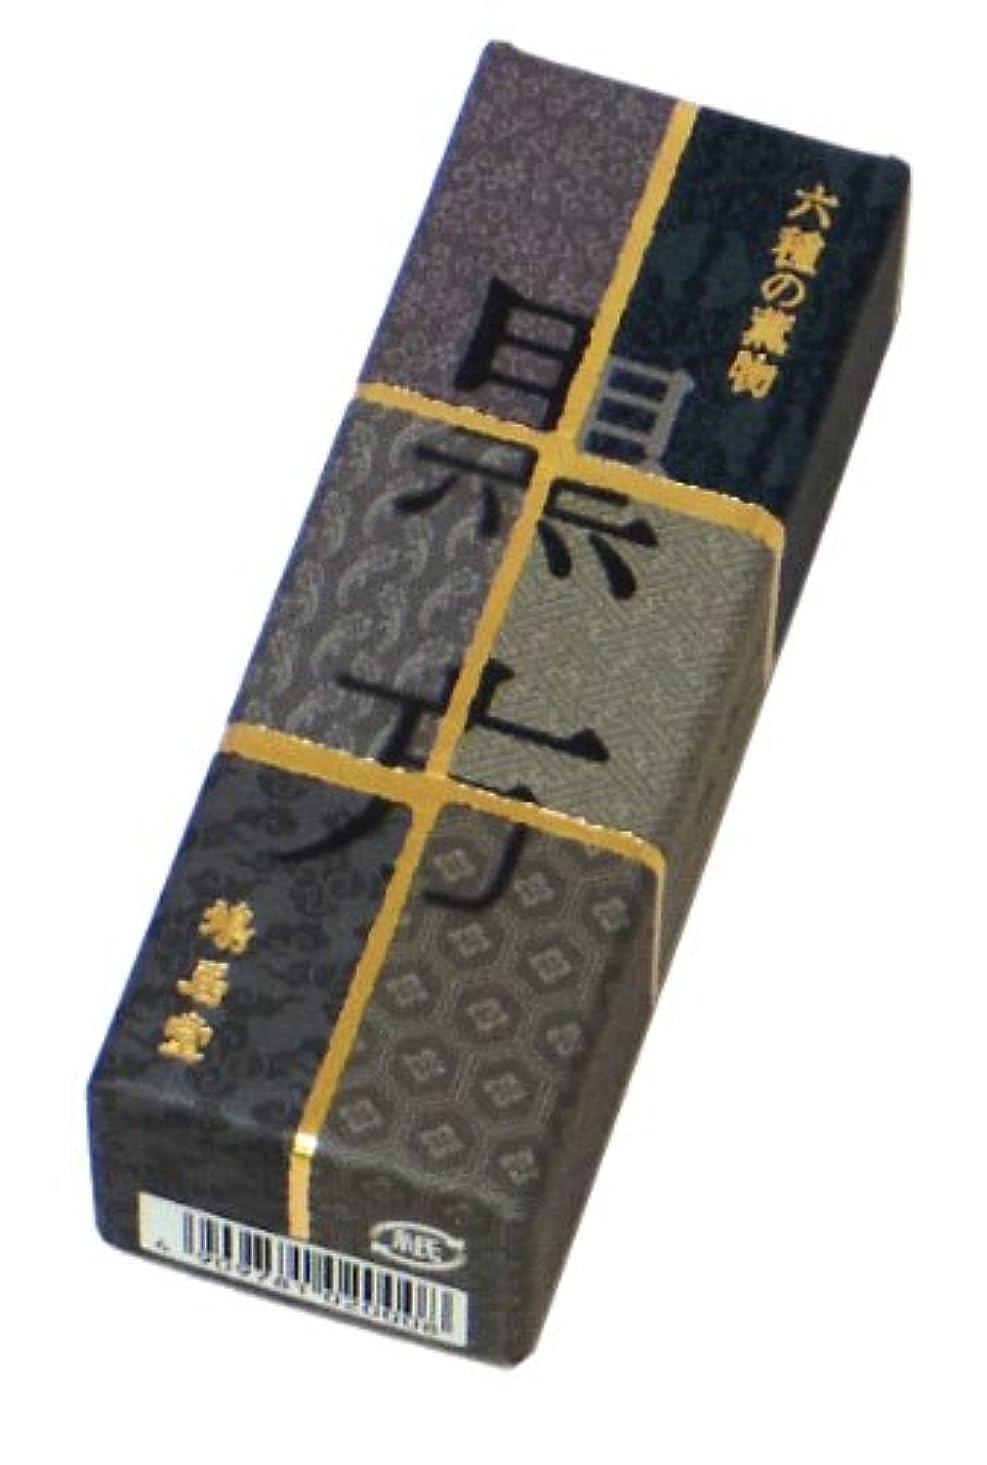 配管見かけ上口述する鳩居堂のお香 六種の薫物 黒方 20本入 6cm